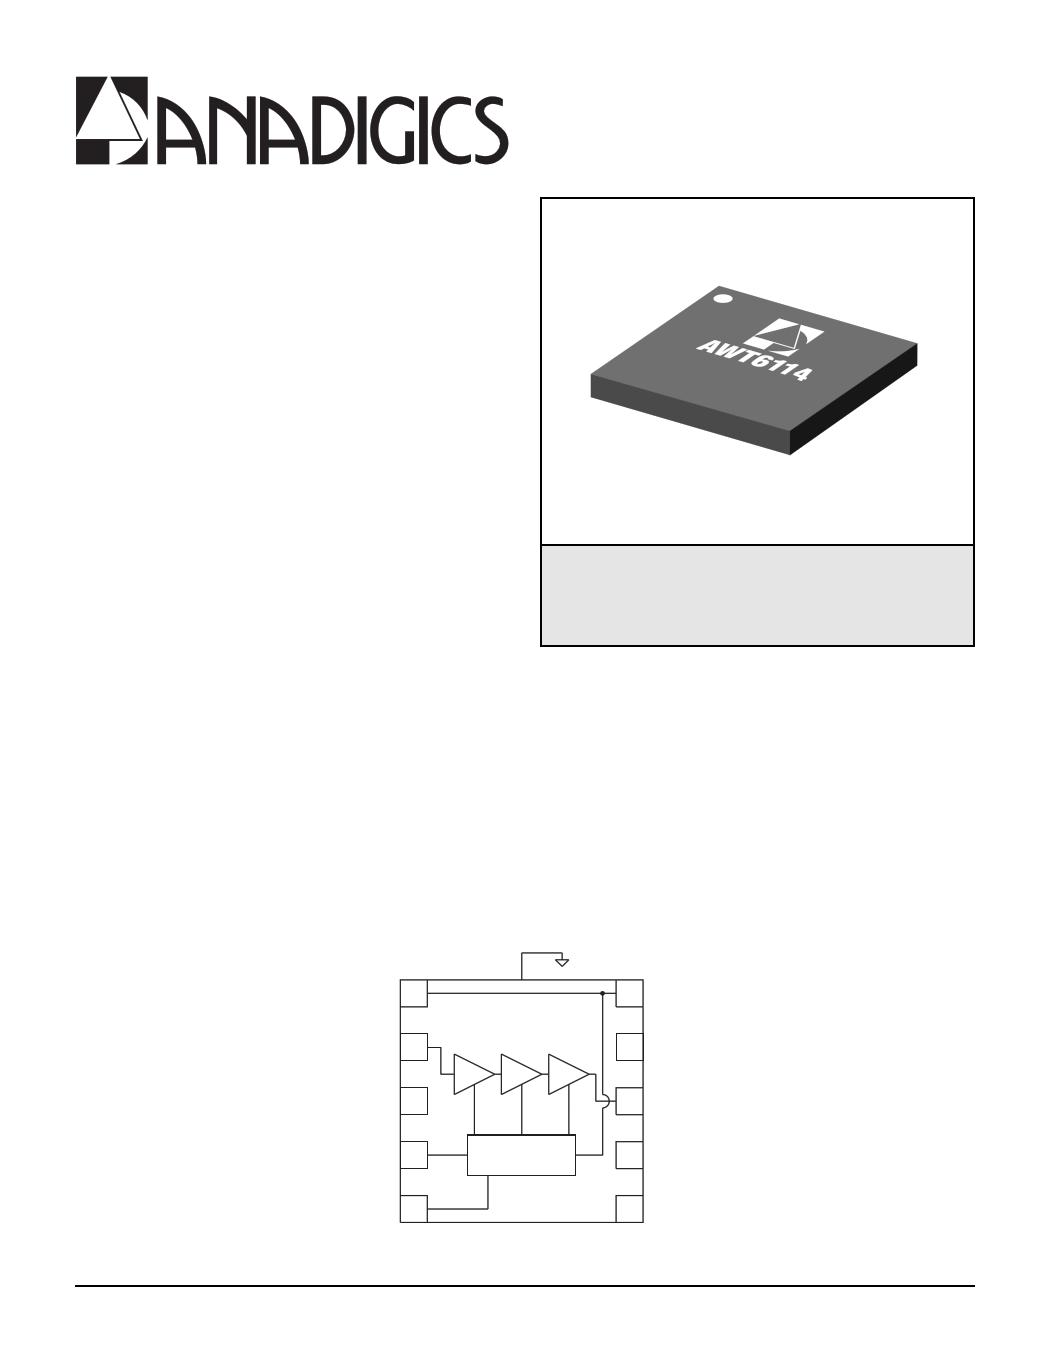 AWT6114 datasheet, circuit